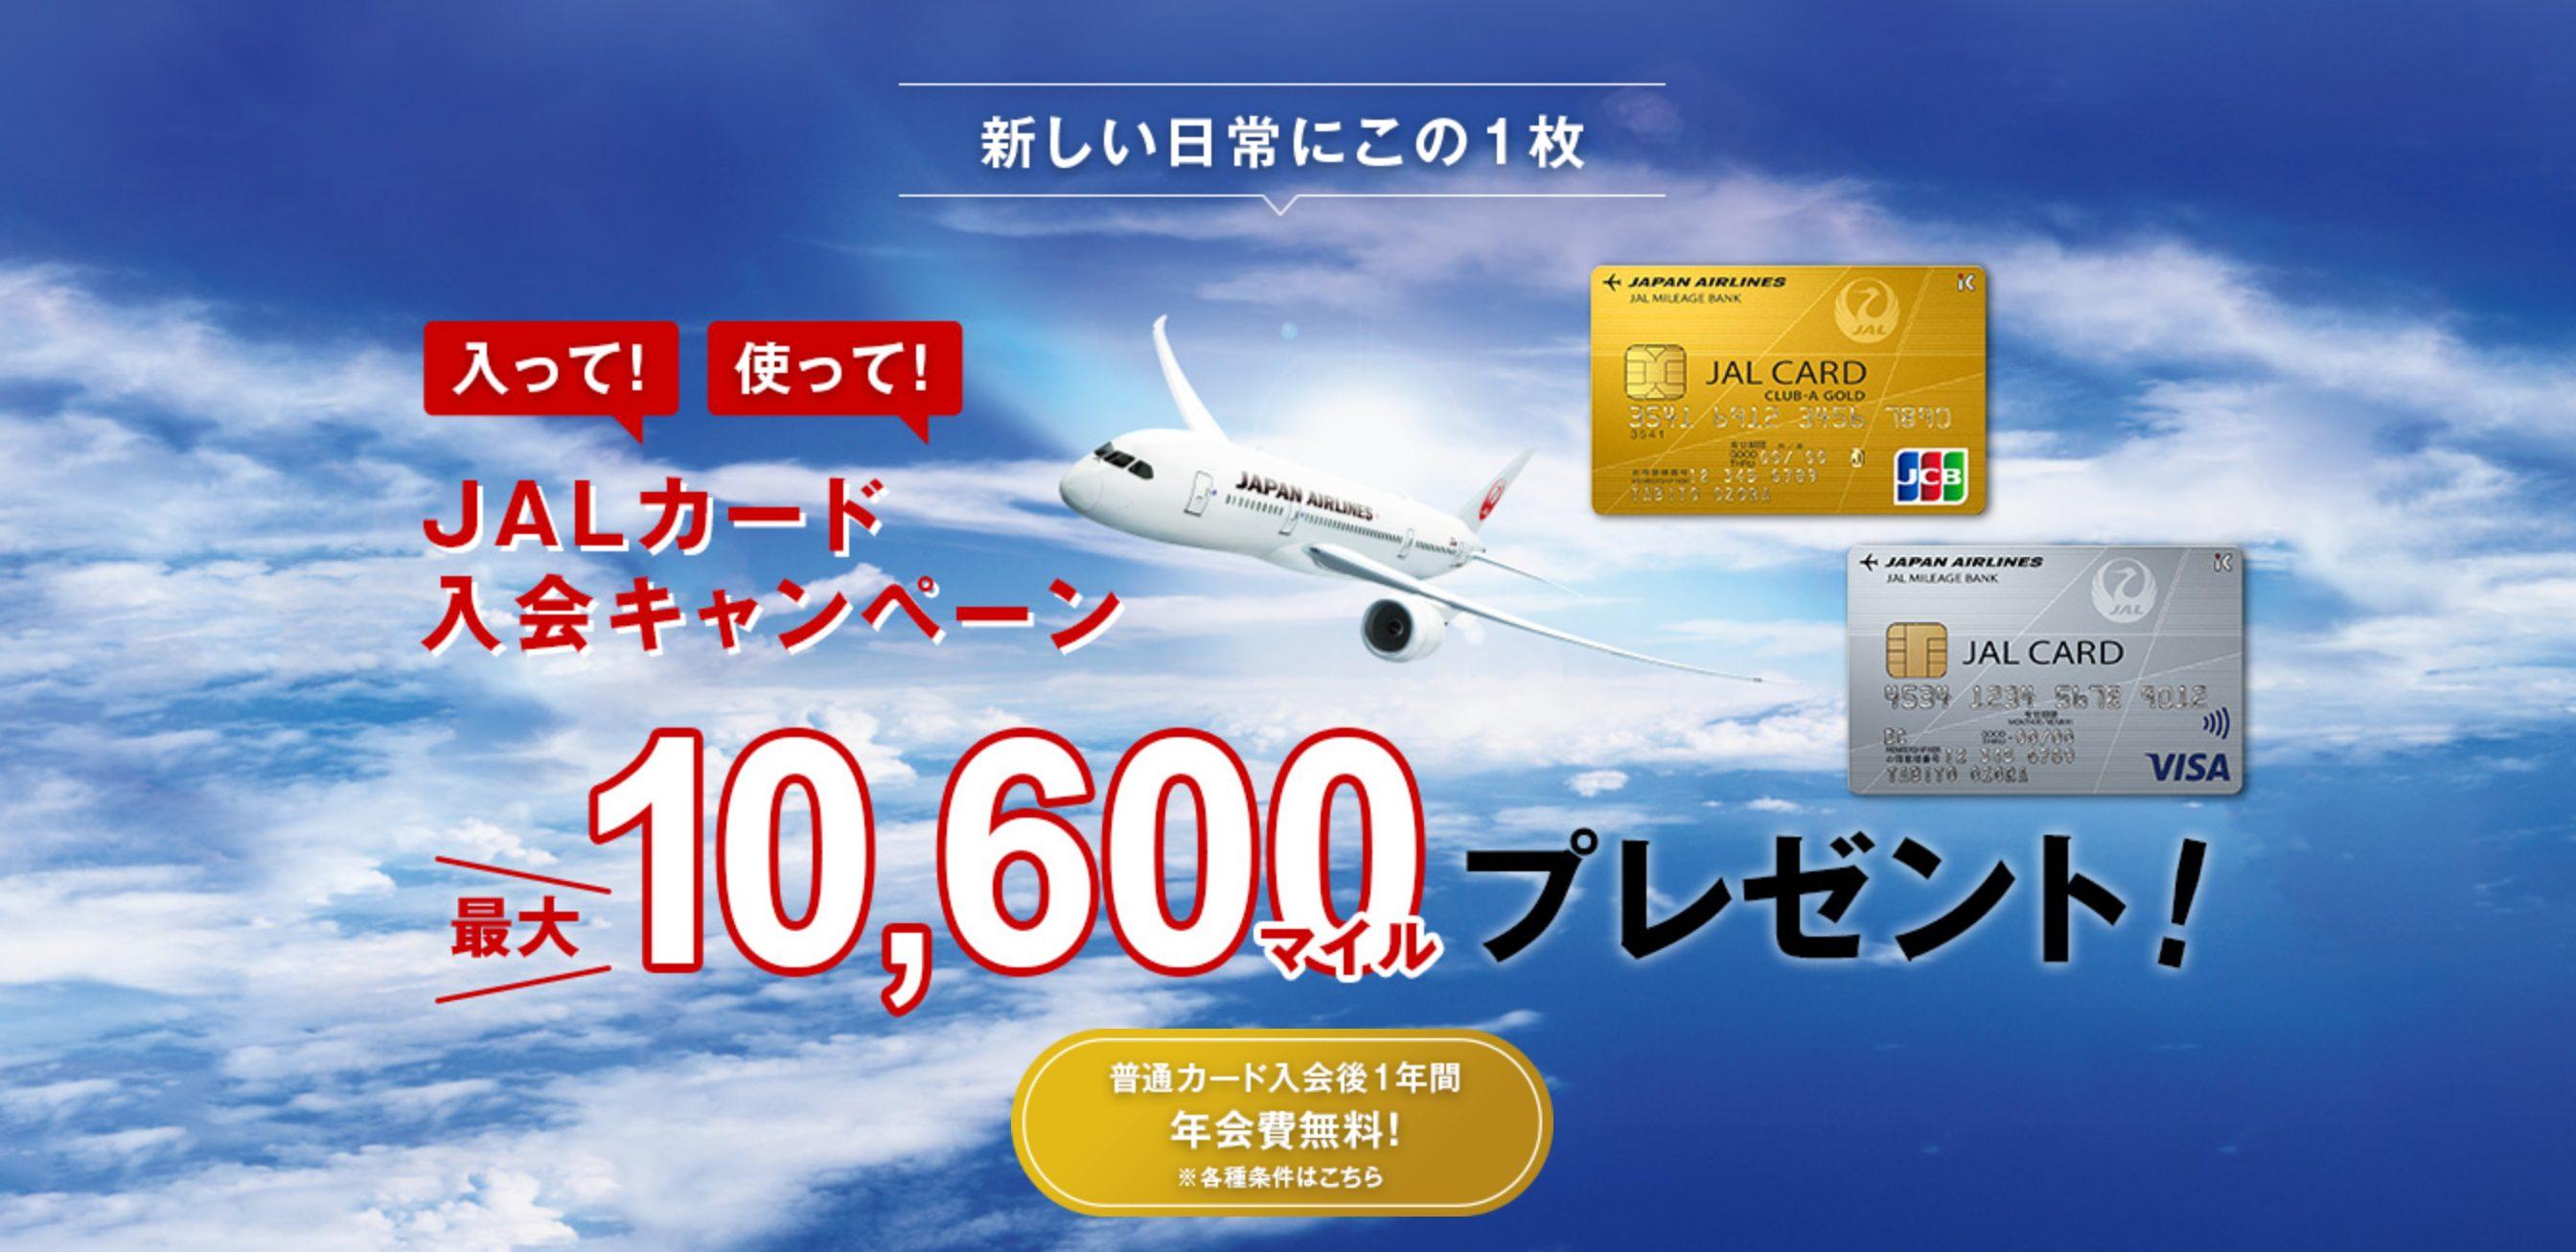 JALカードの入会キャンペーン